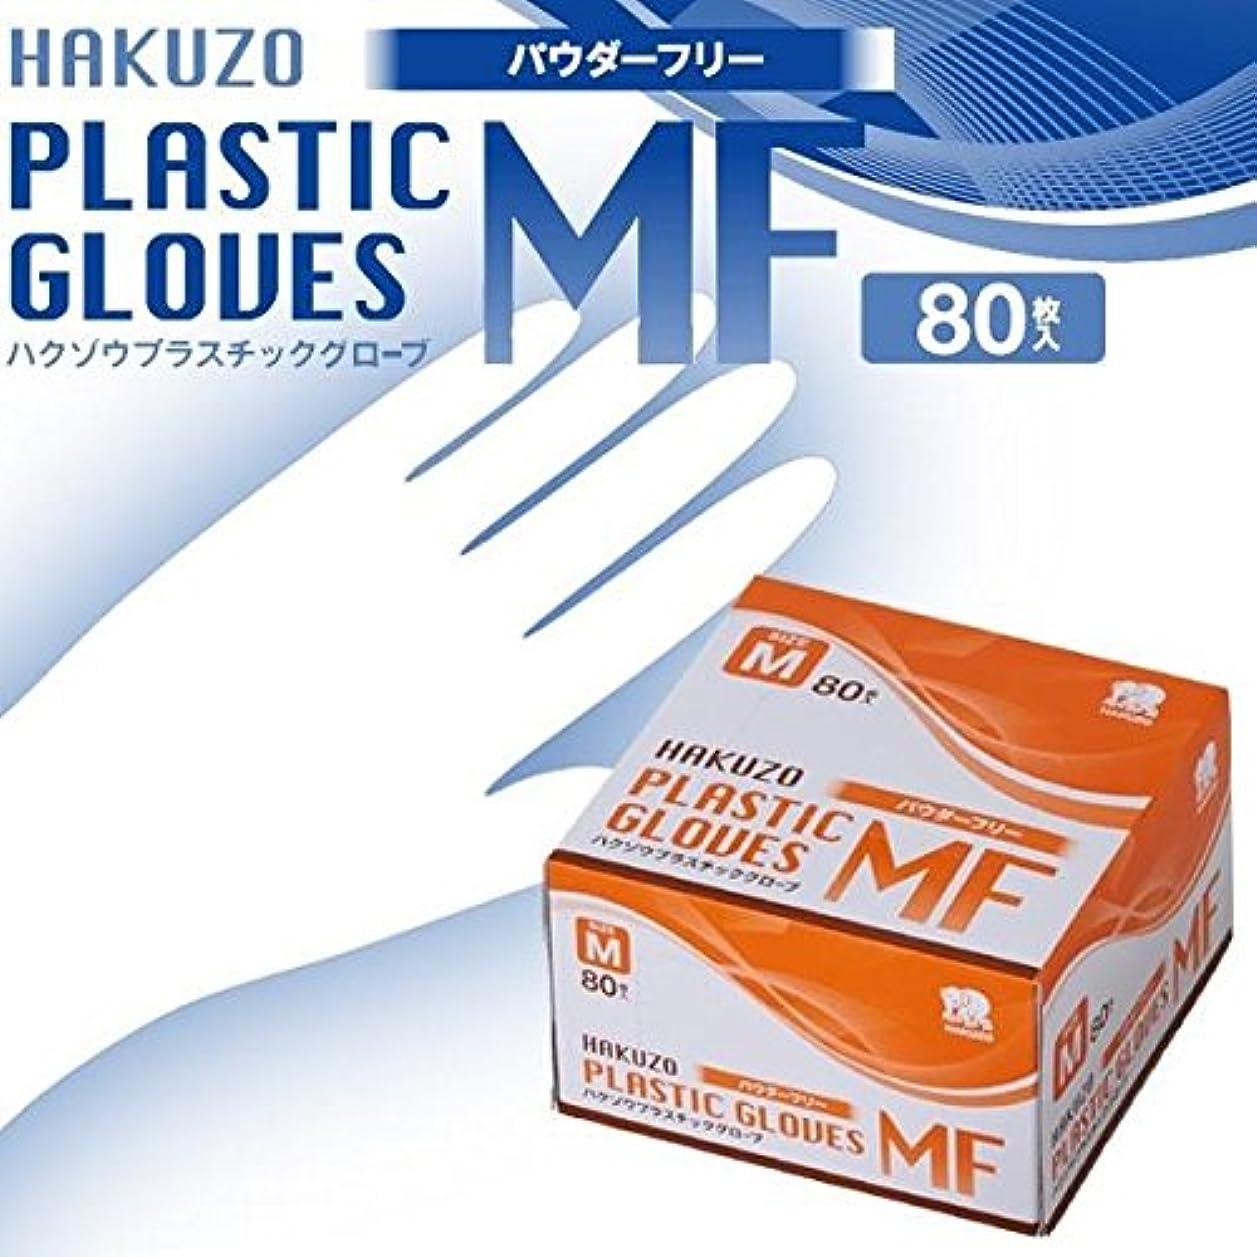 公園事務所廊下ハクゾウ プラスチックグローブMF パウダーフリー M 80枚入×6箱セット